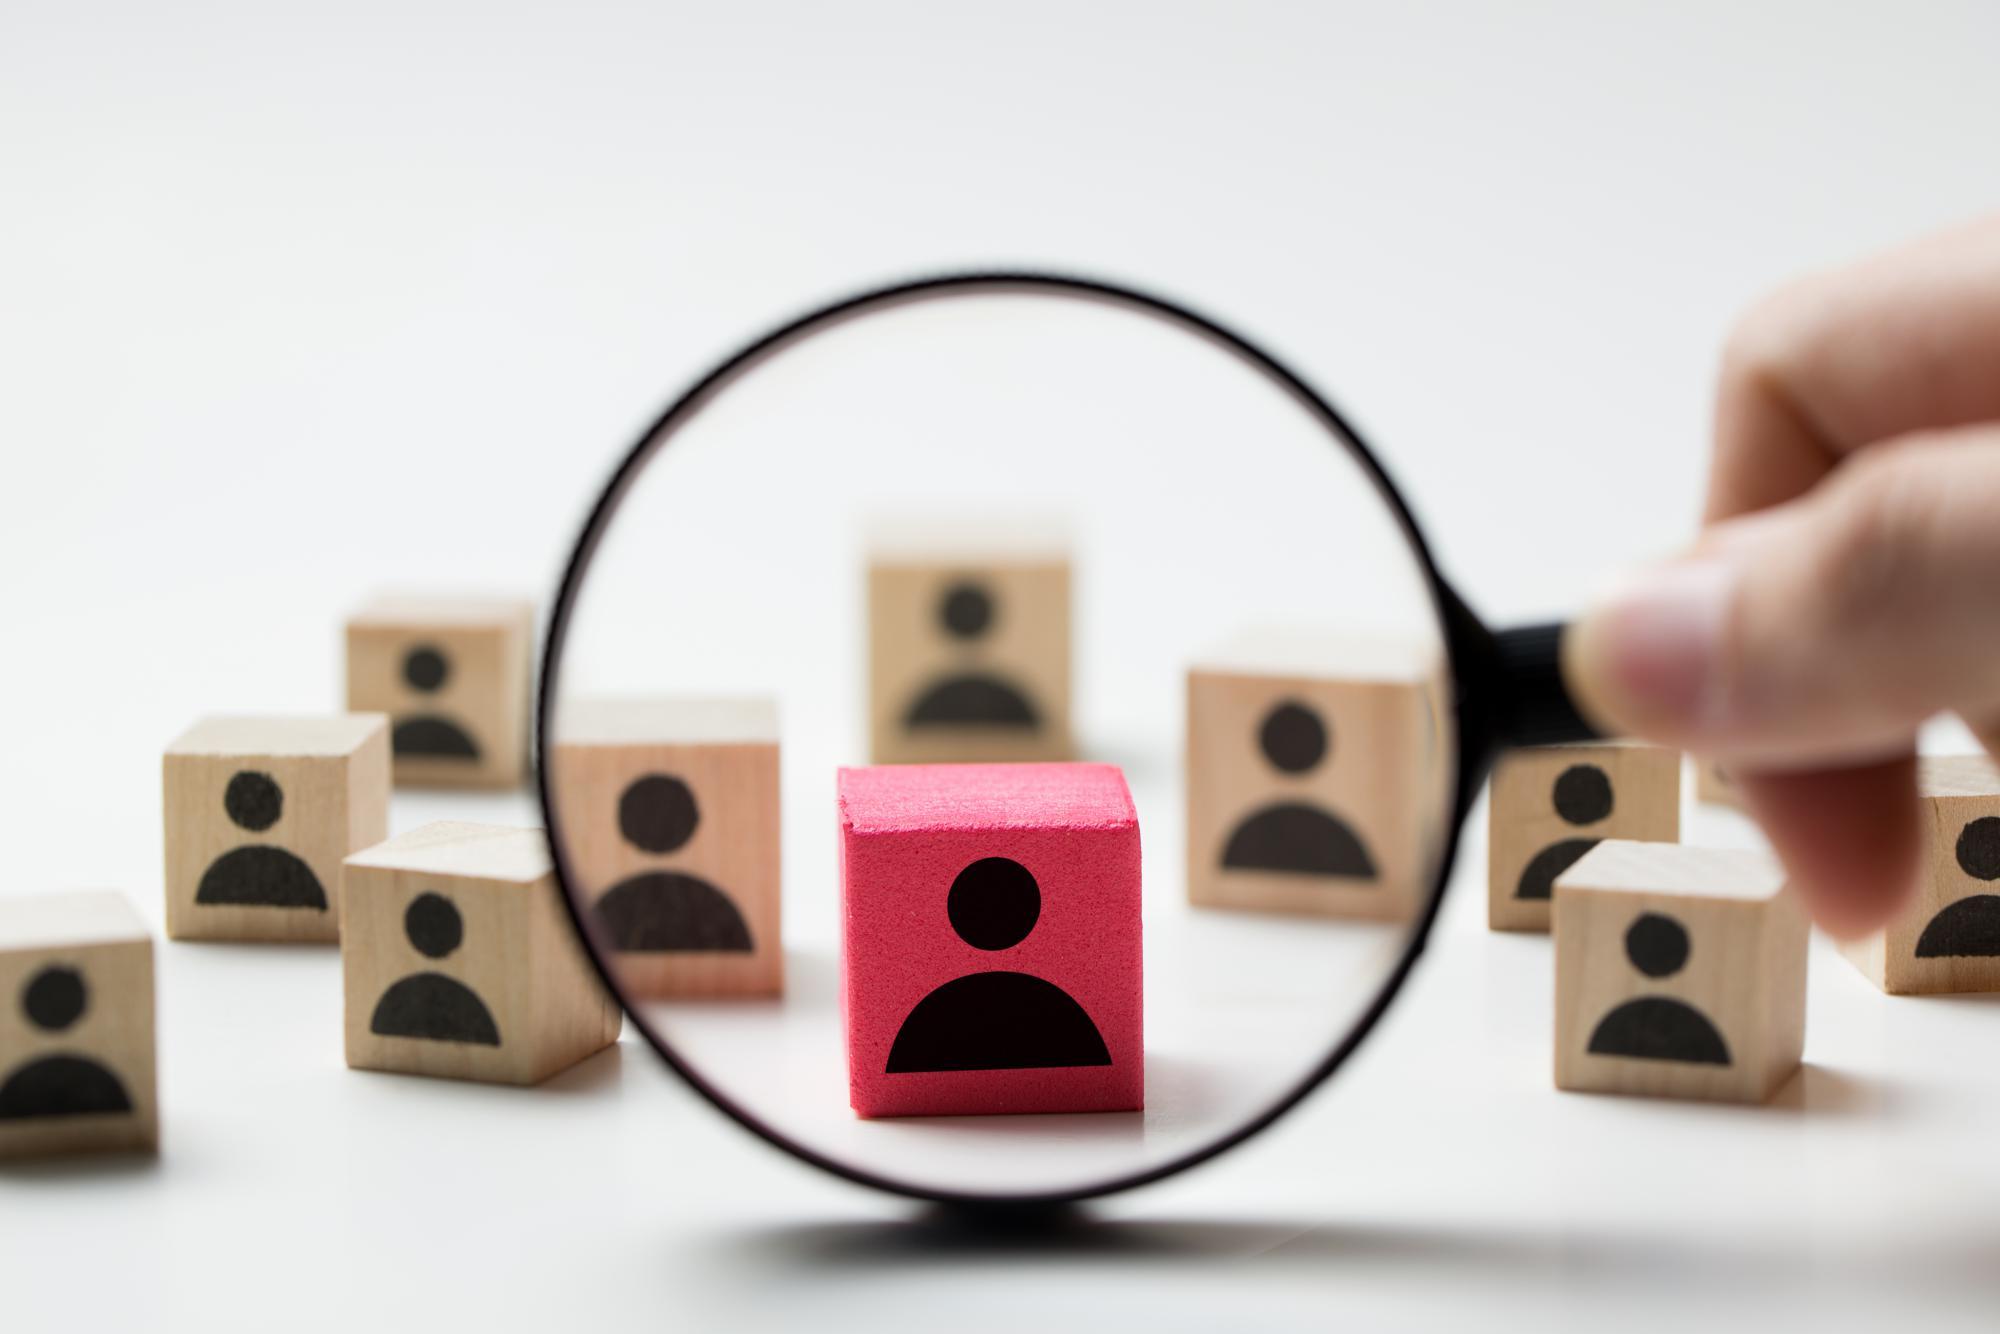 Компаниям помогут правильно оформить на работу иностранных специалистов